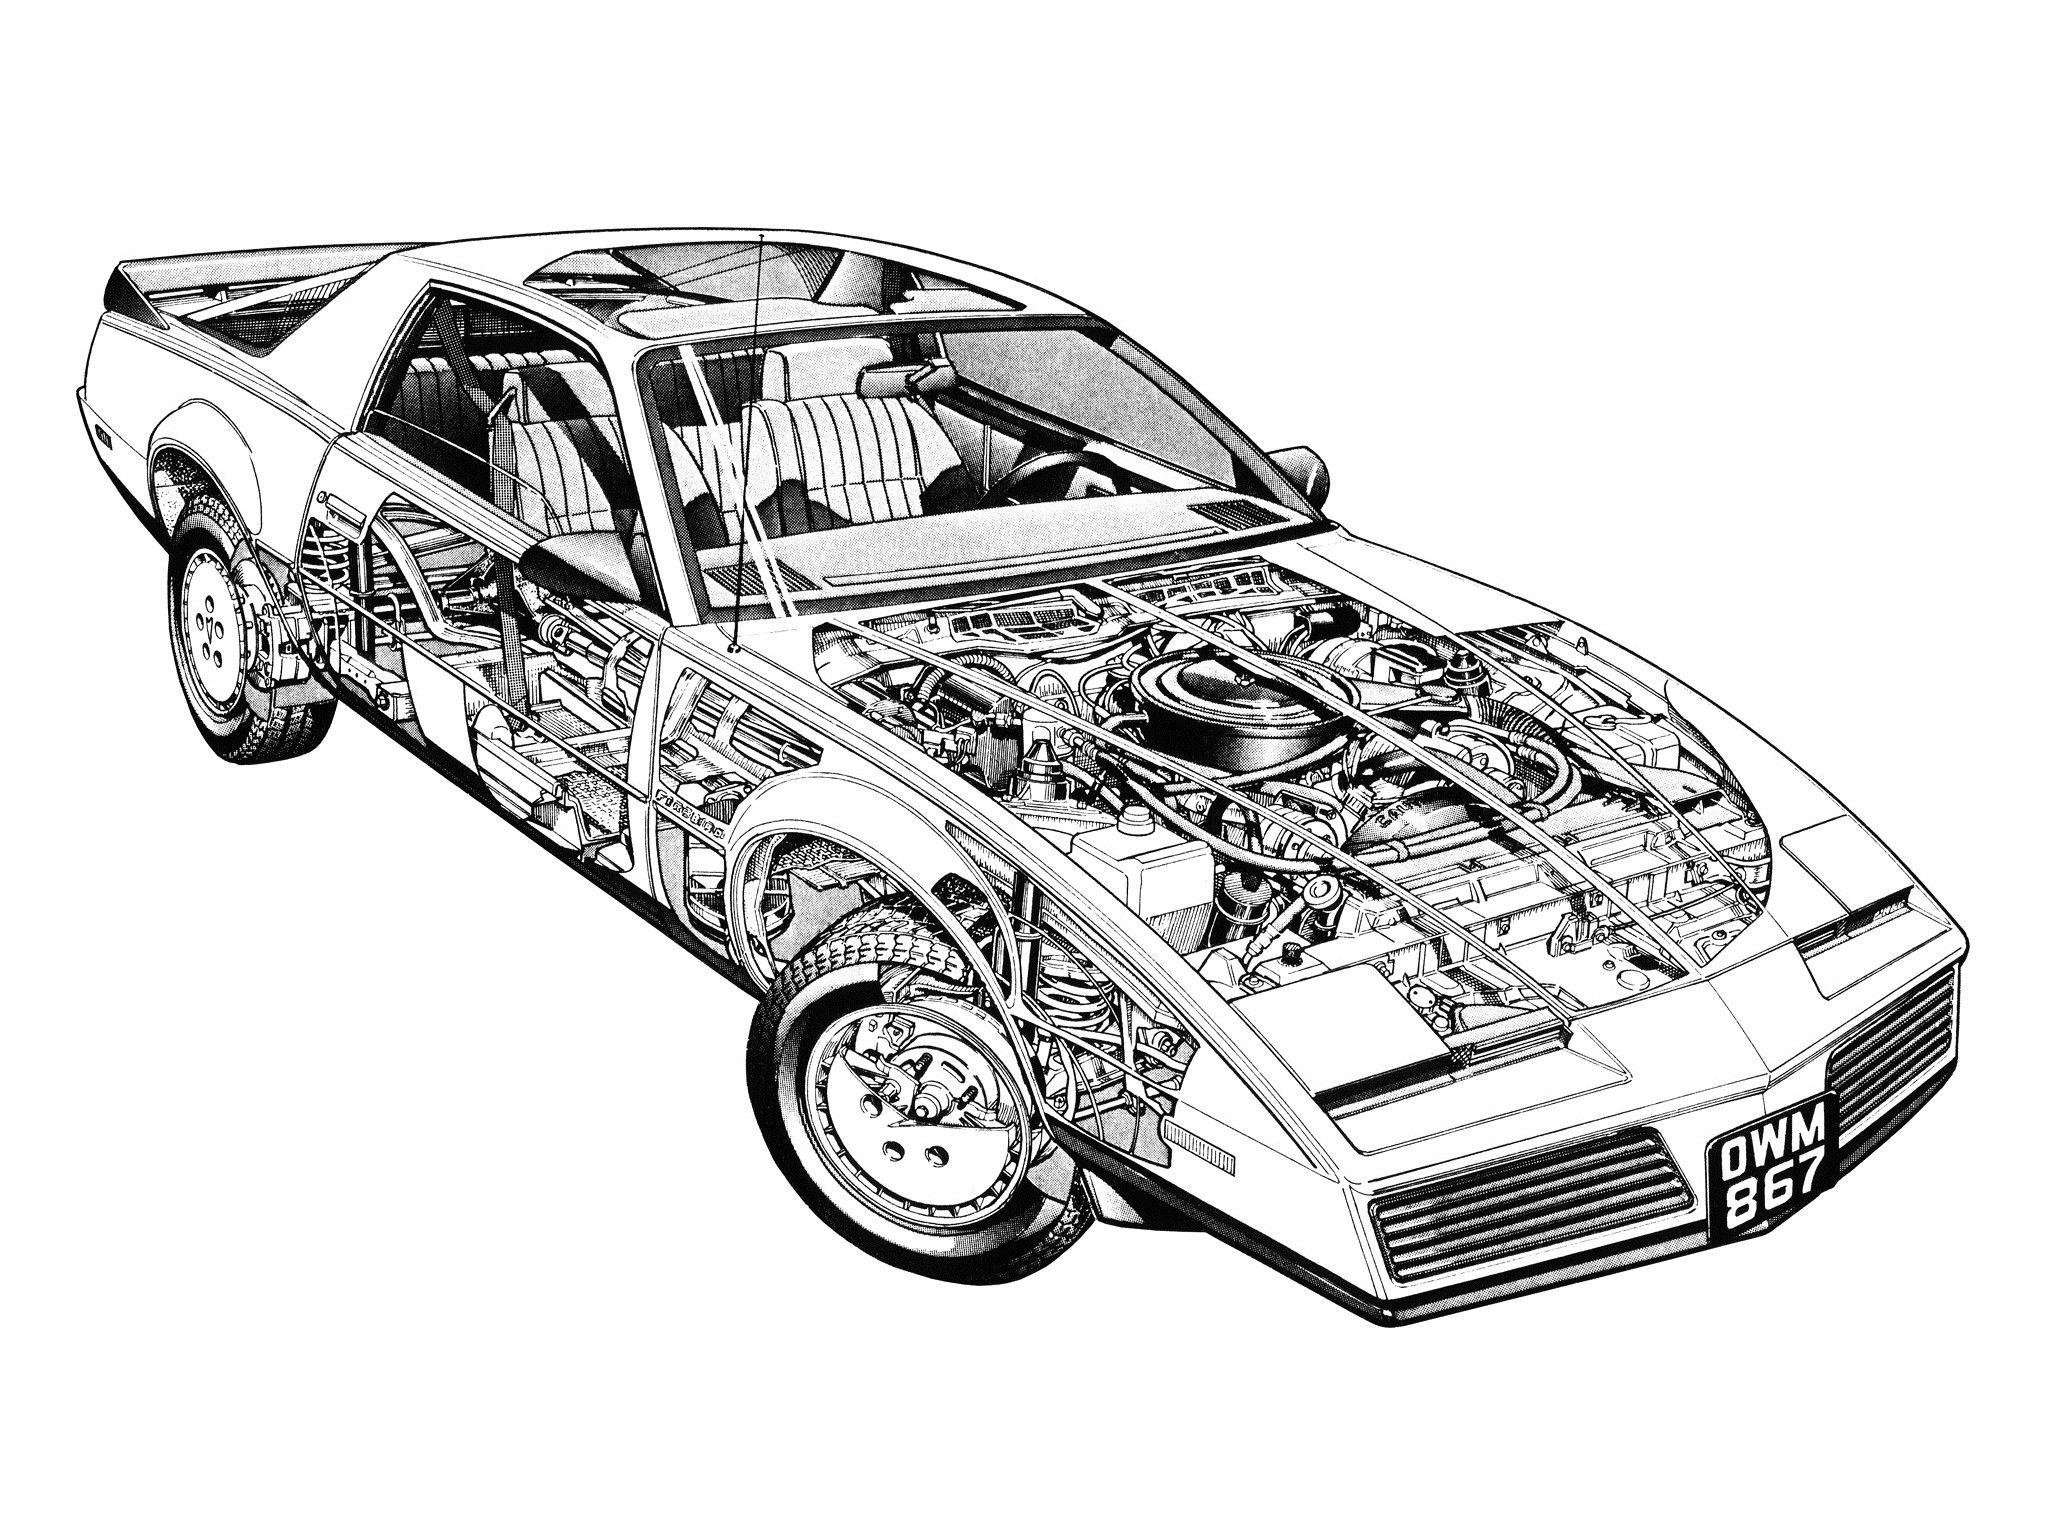 1982-85 pontiac firebird trans am